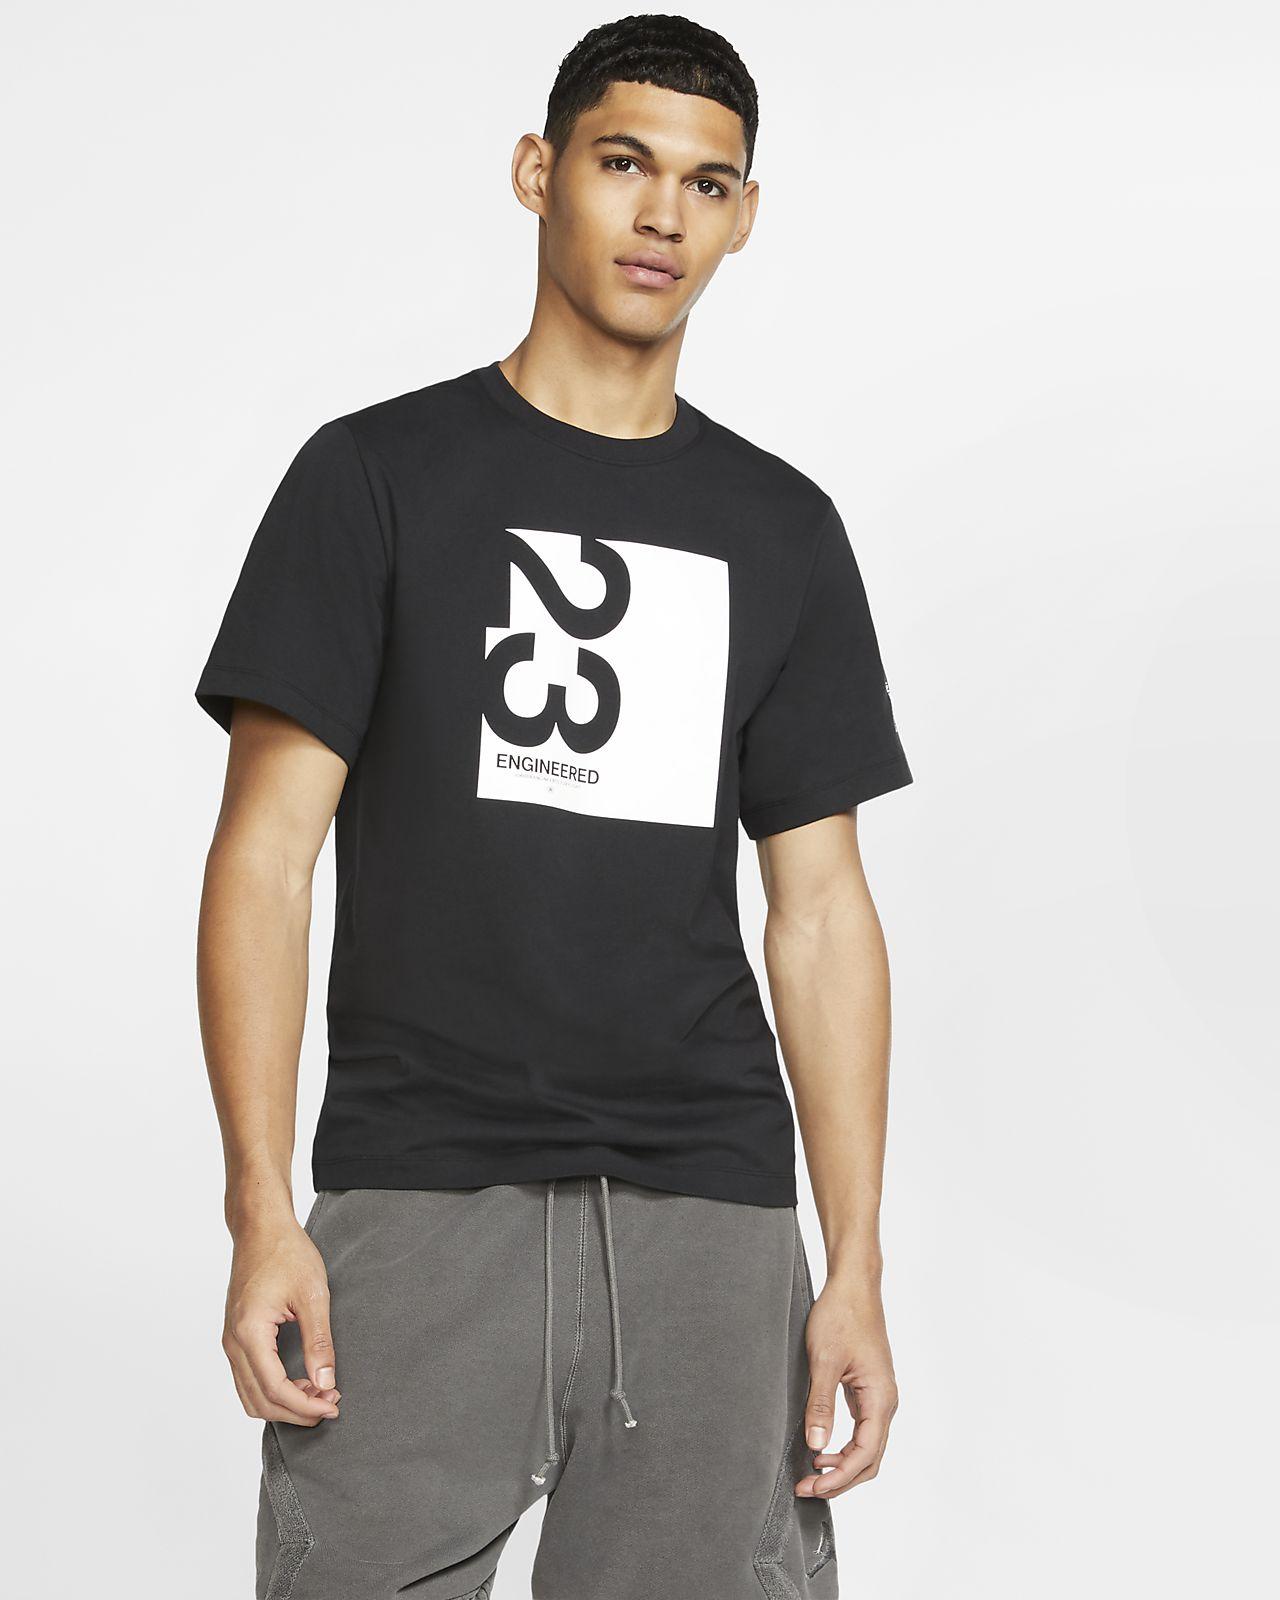 Jordan 23 Engineered T-shirt voor heren